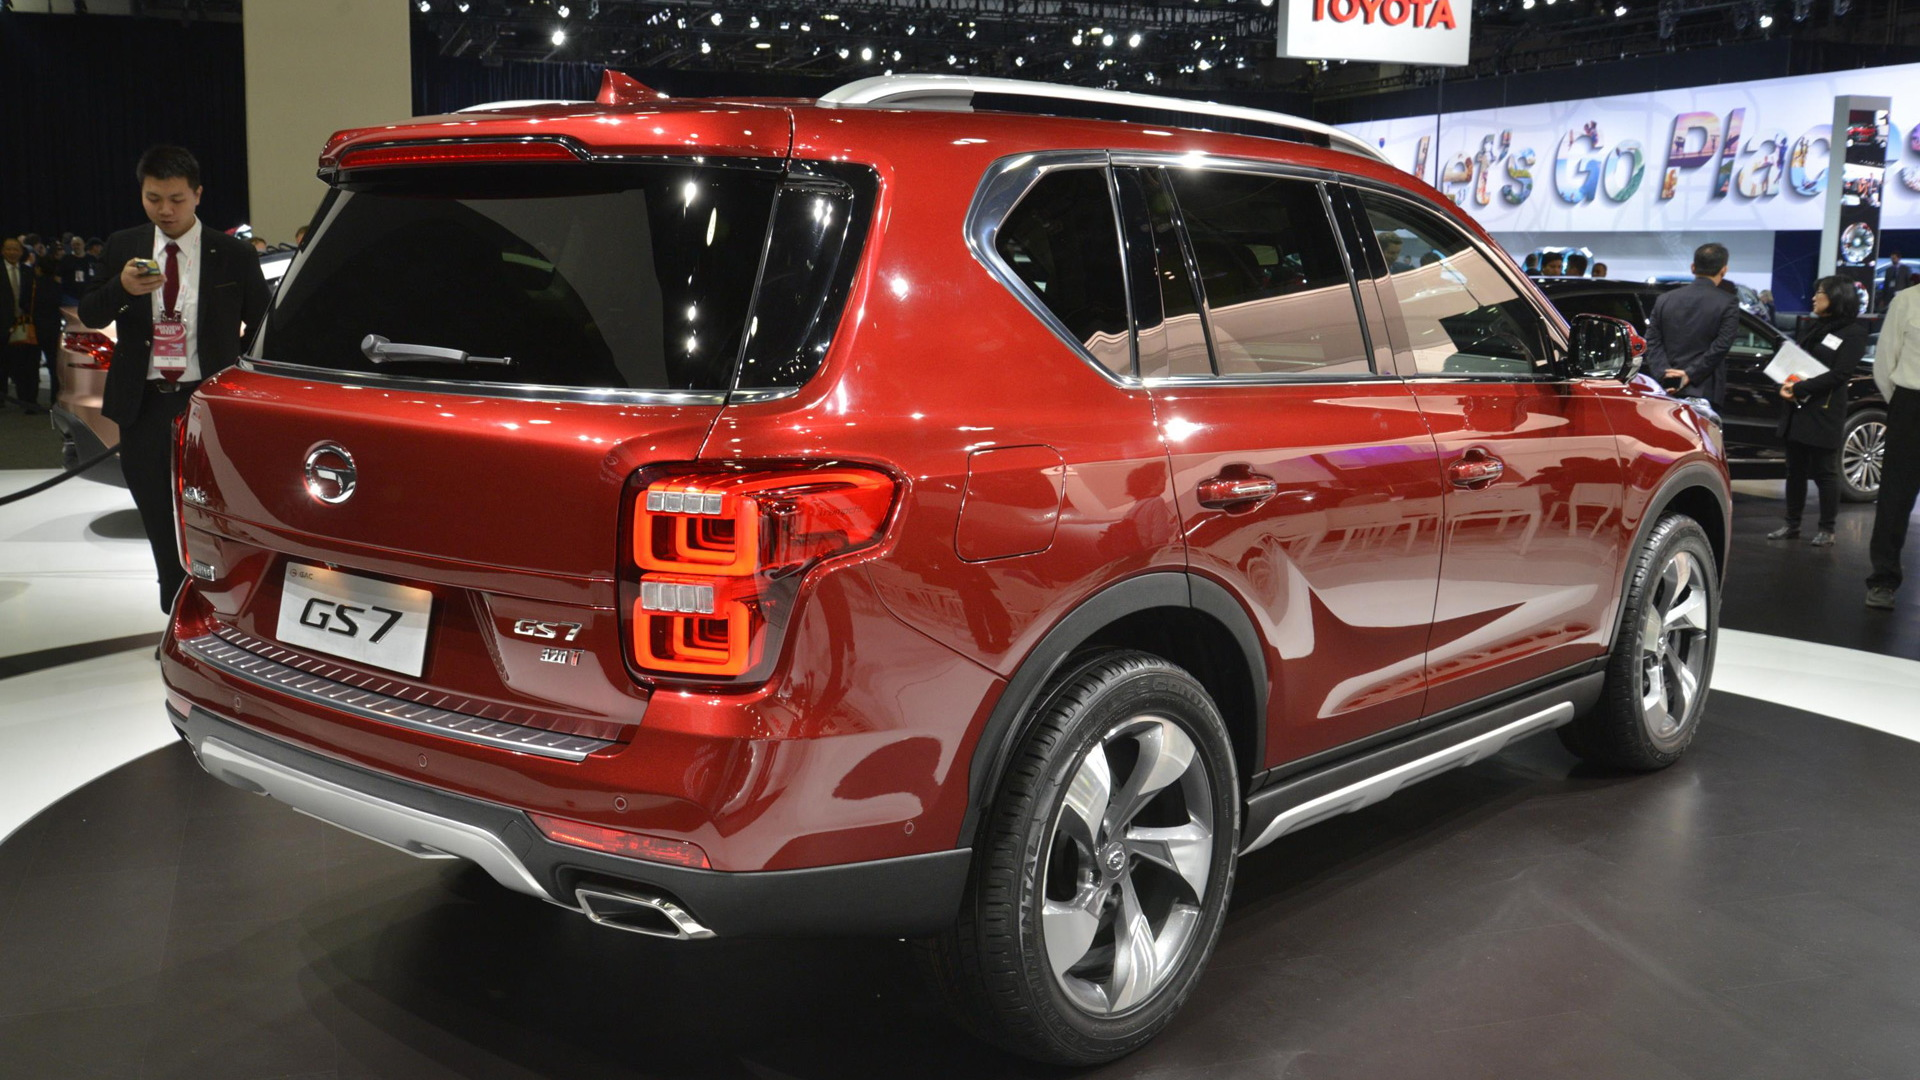 Trumpchi GS7, 2017 Detroit auto show